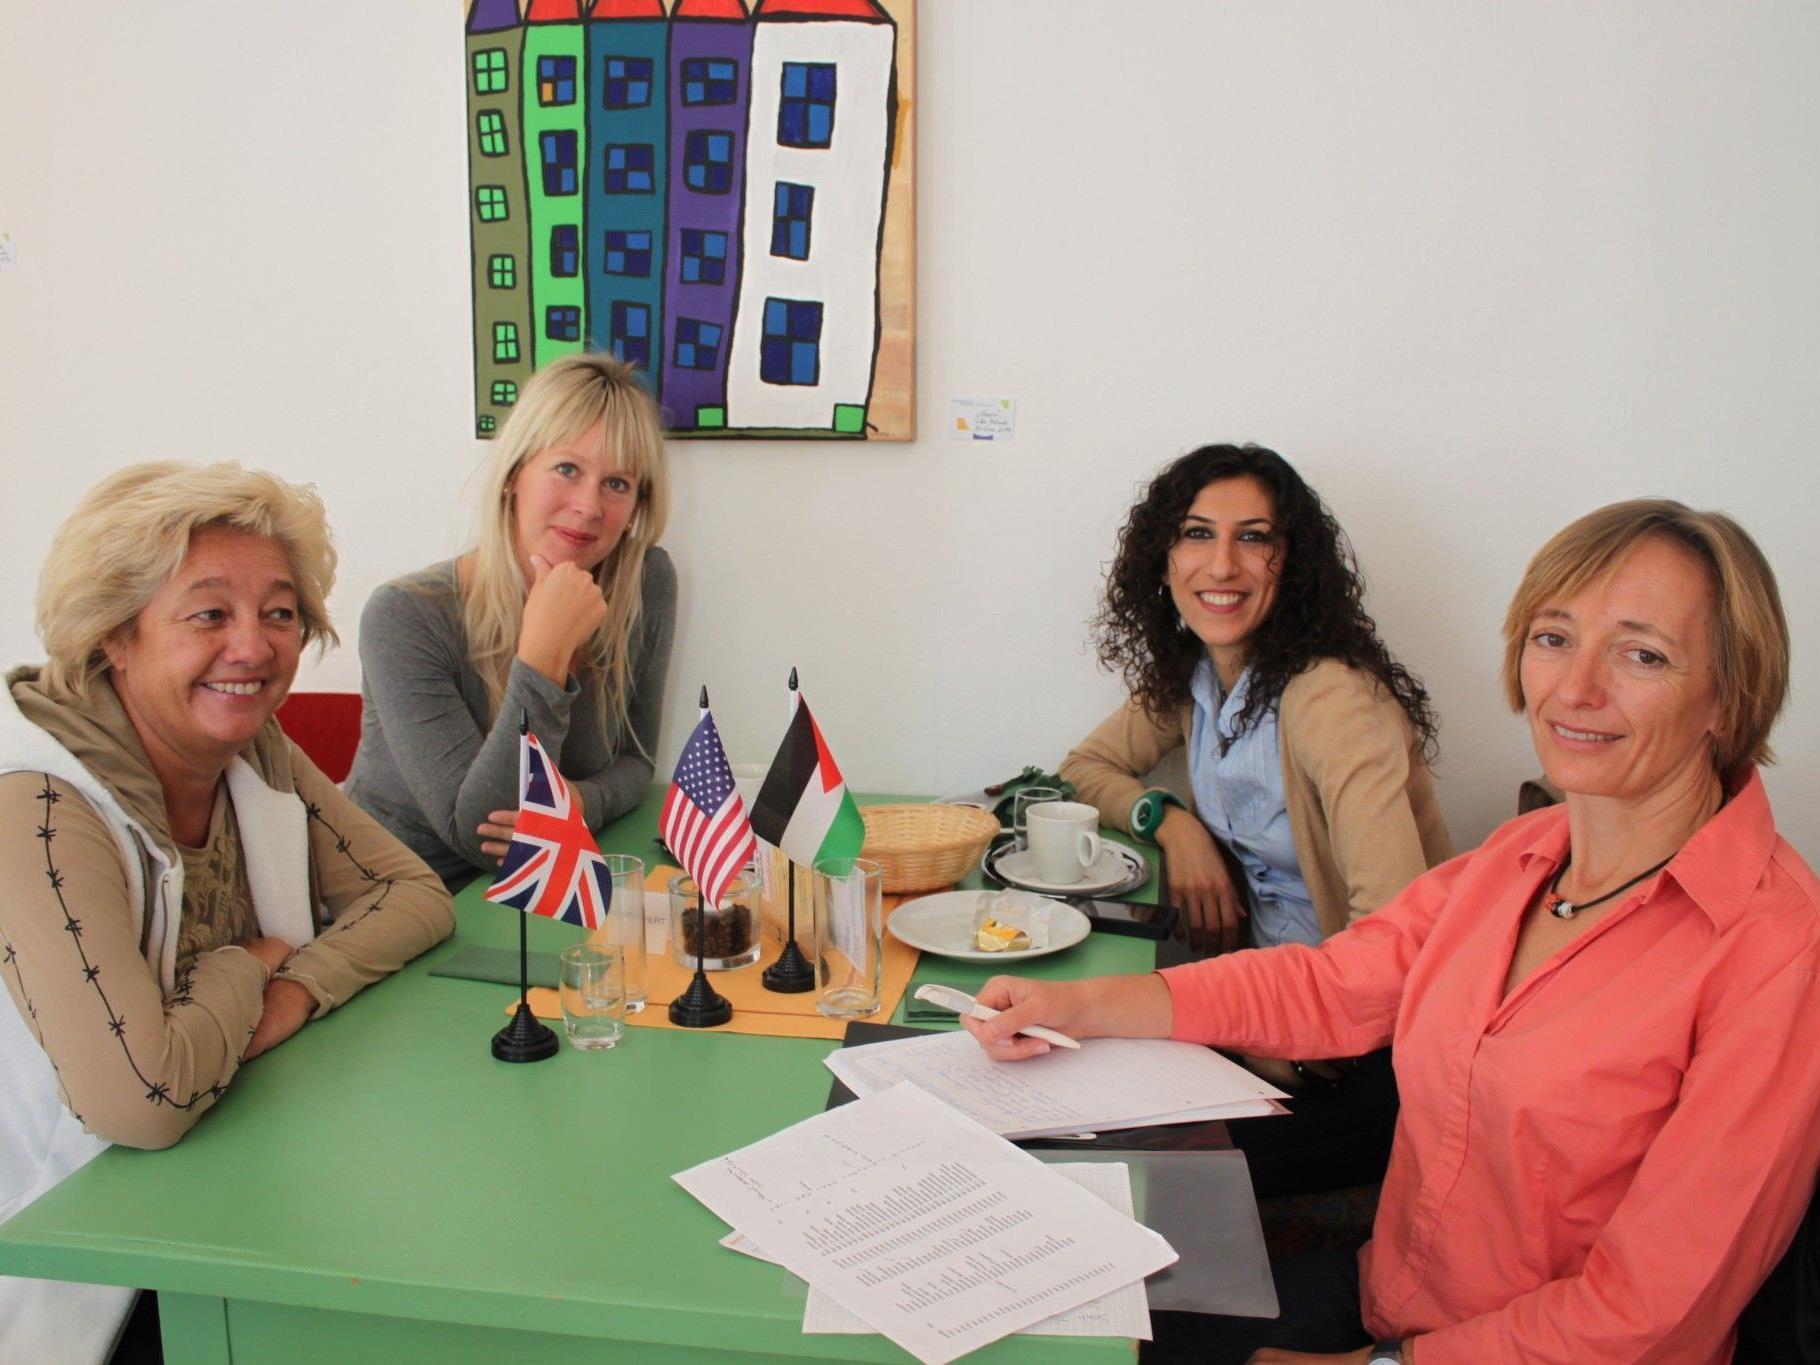 """Im Lochauer """"Sprachencafe"""" treffen sich fremdsprachenbegeisterte Einwohner aus dem ganzen Leiblachtal. (Foto: BMS)"""